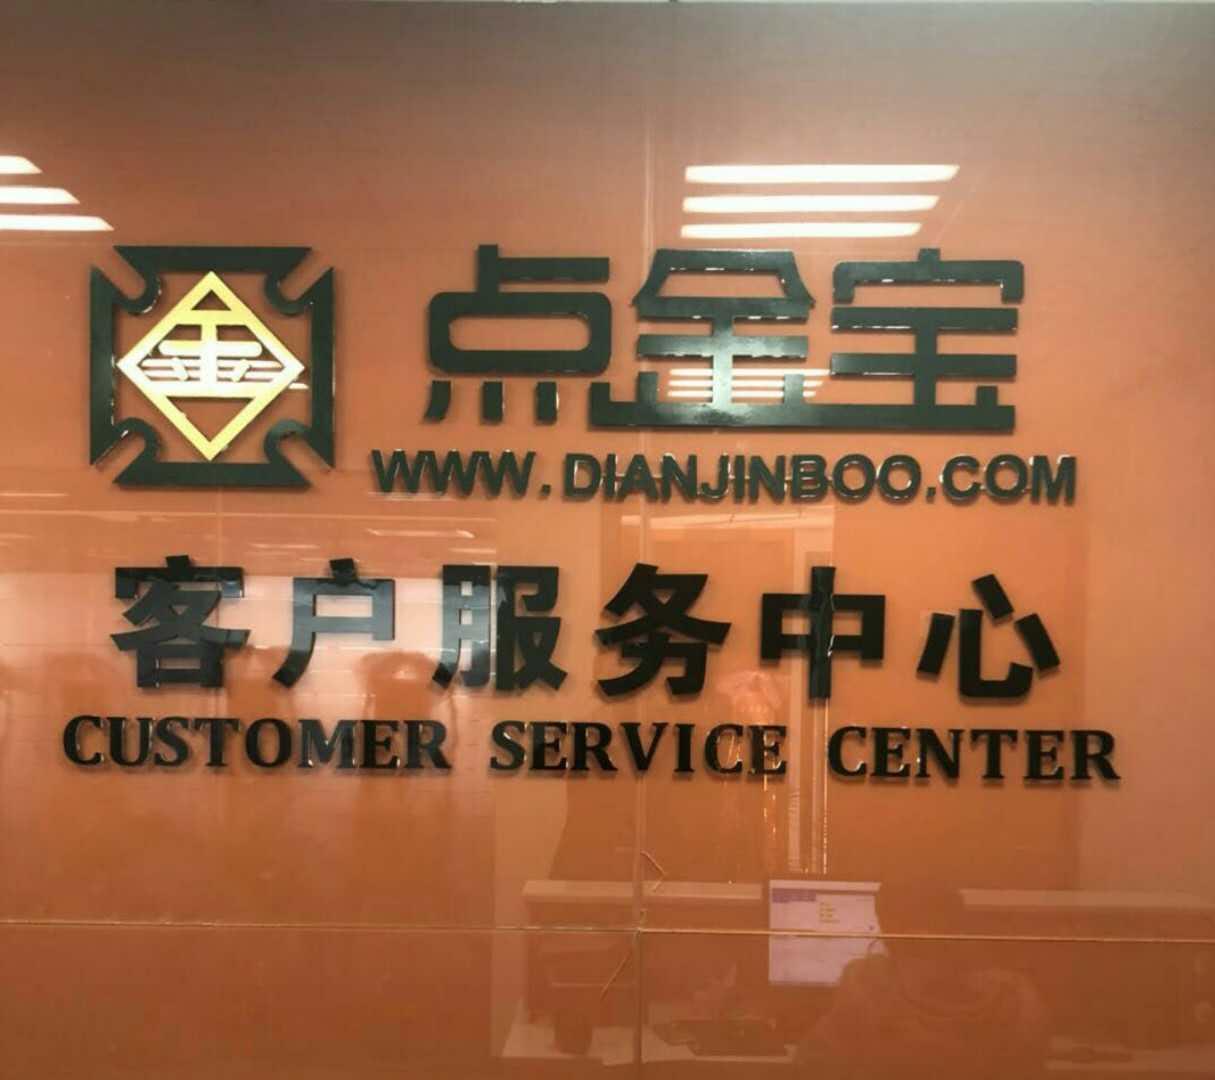 上海稹酥琪贸易发展有限公司